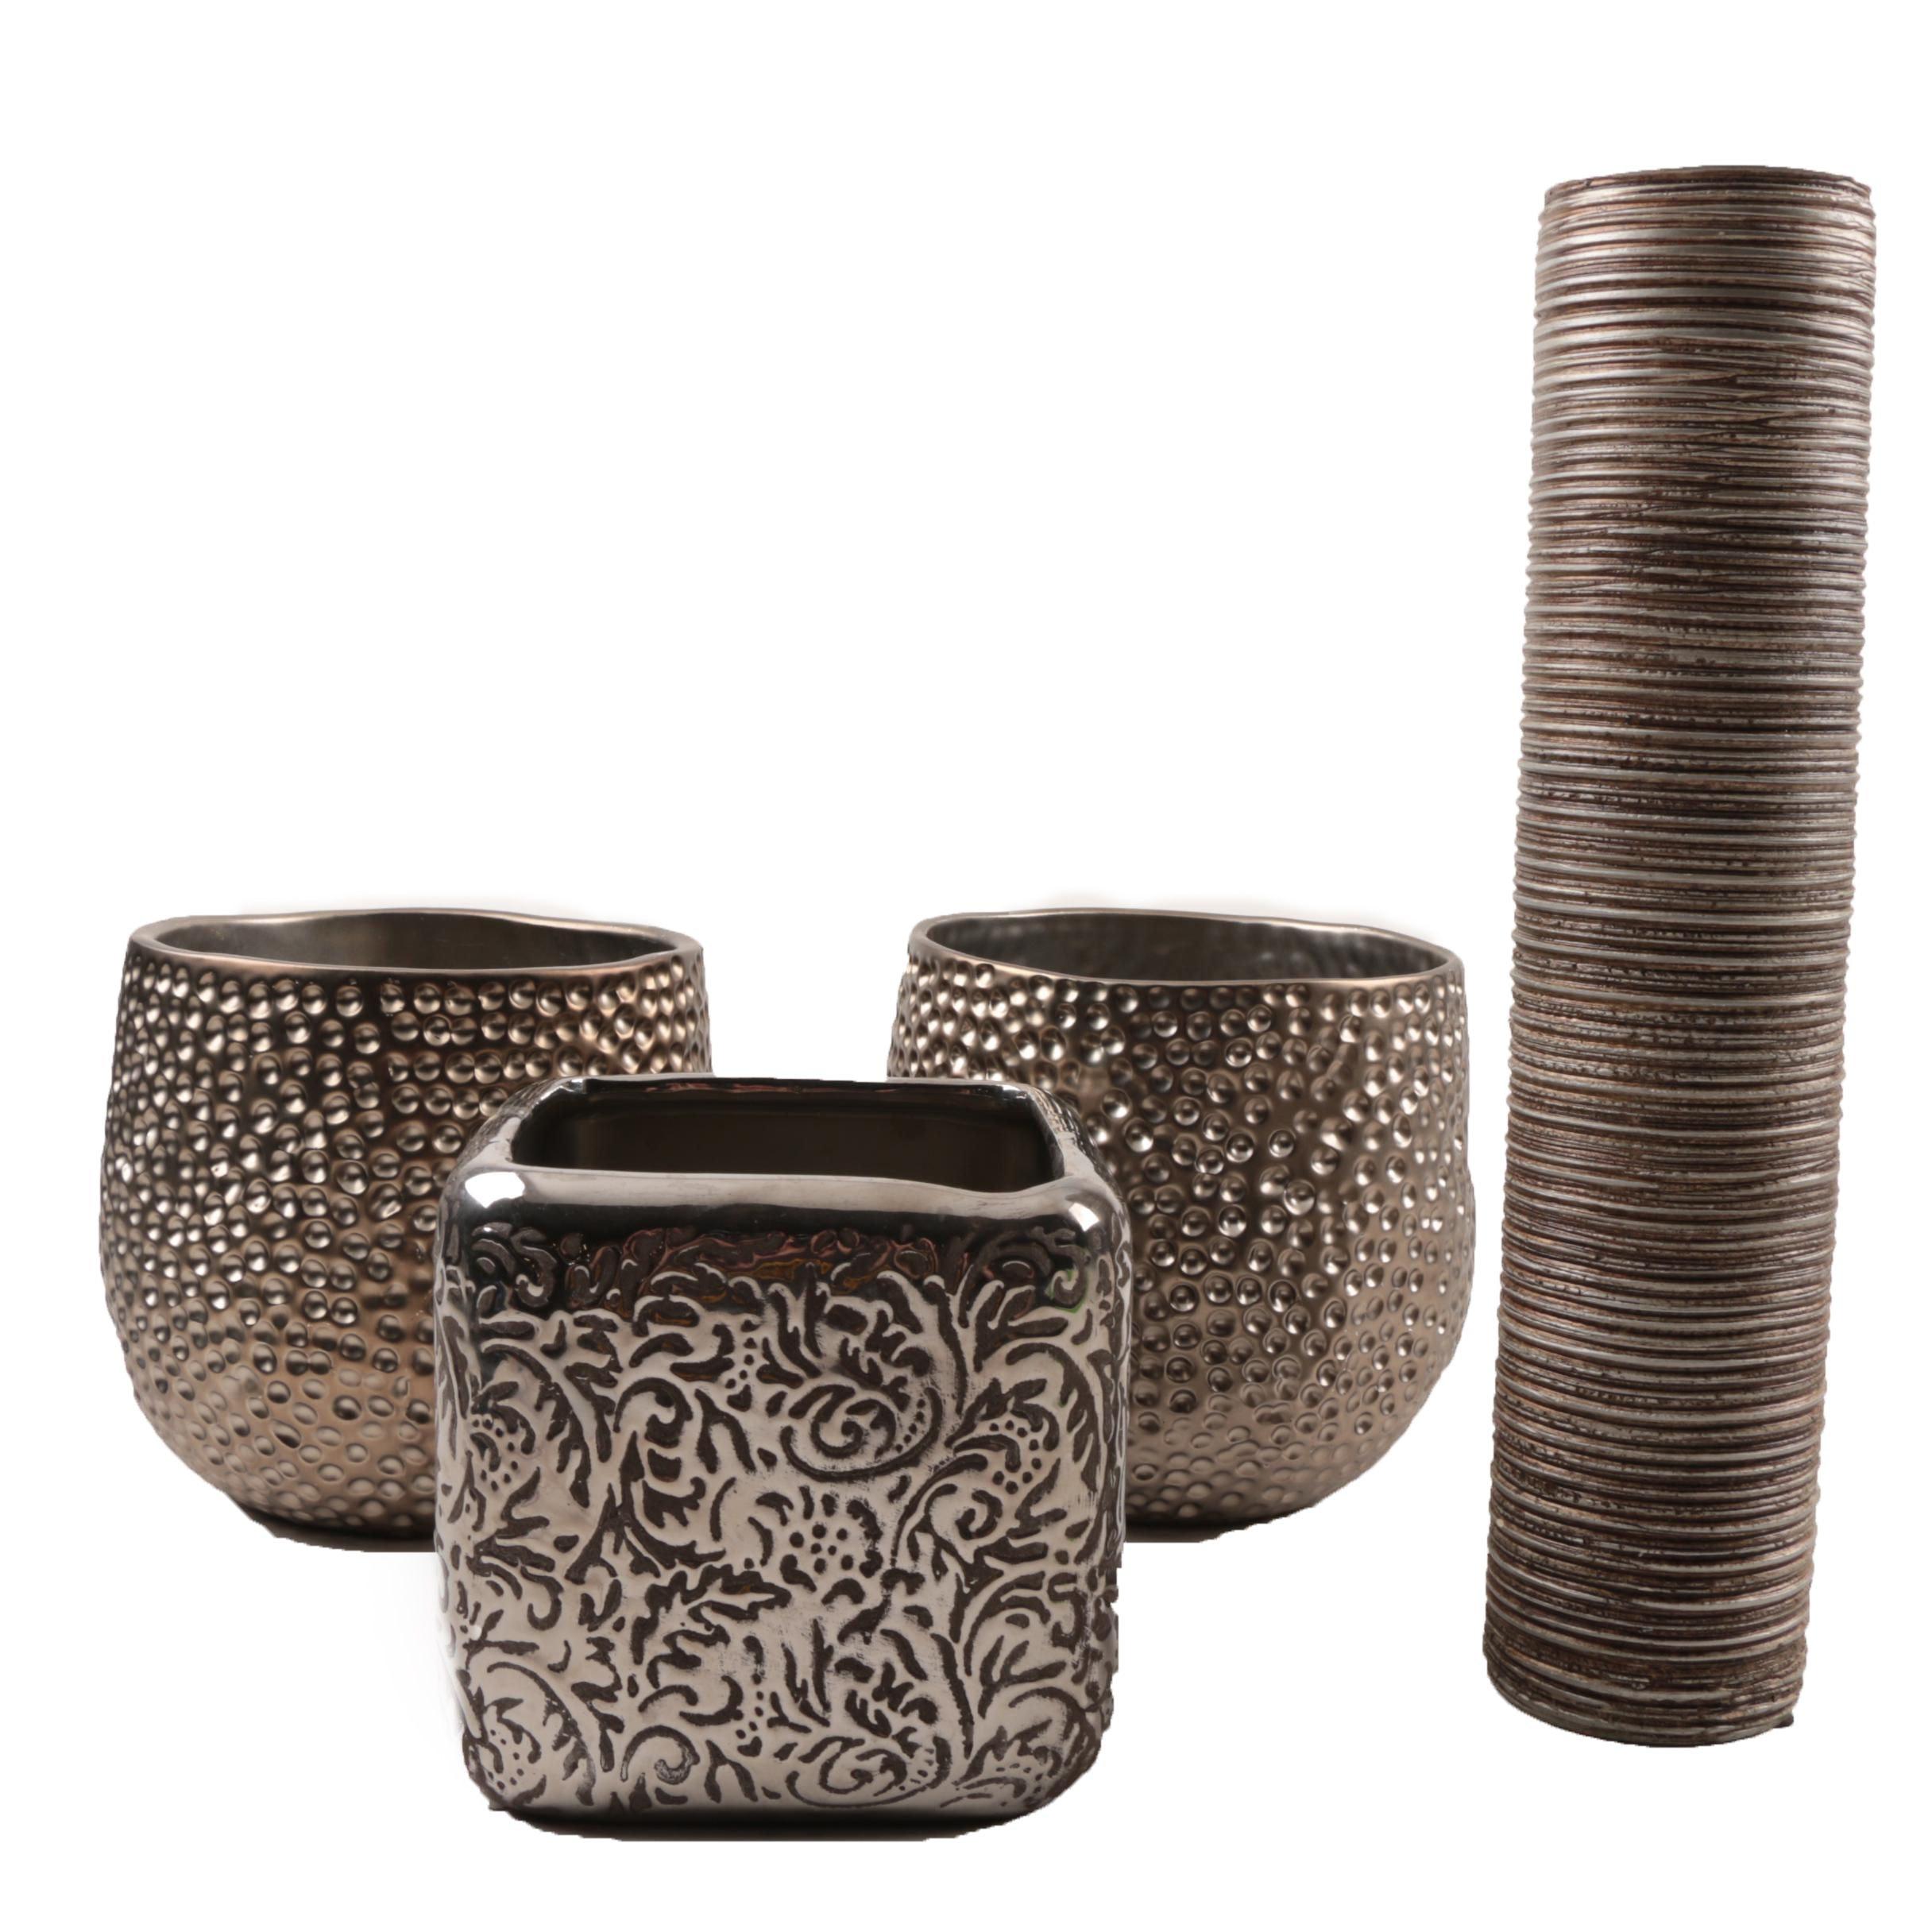 Decorative Metallic Glazed Vases